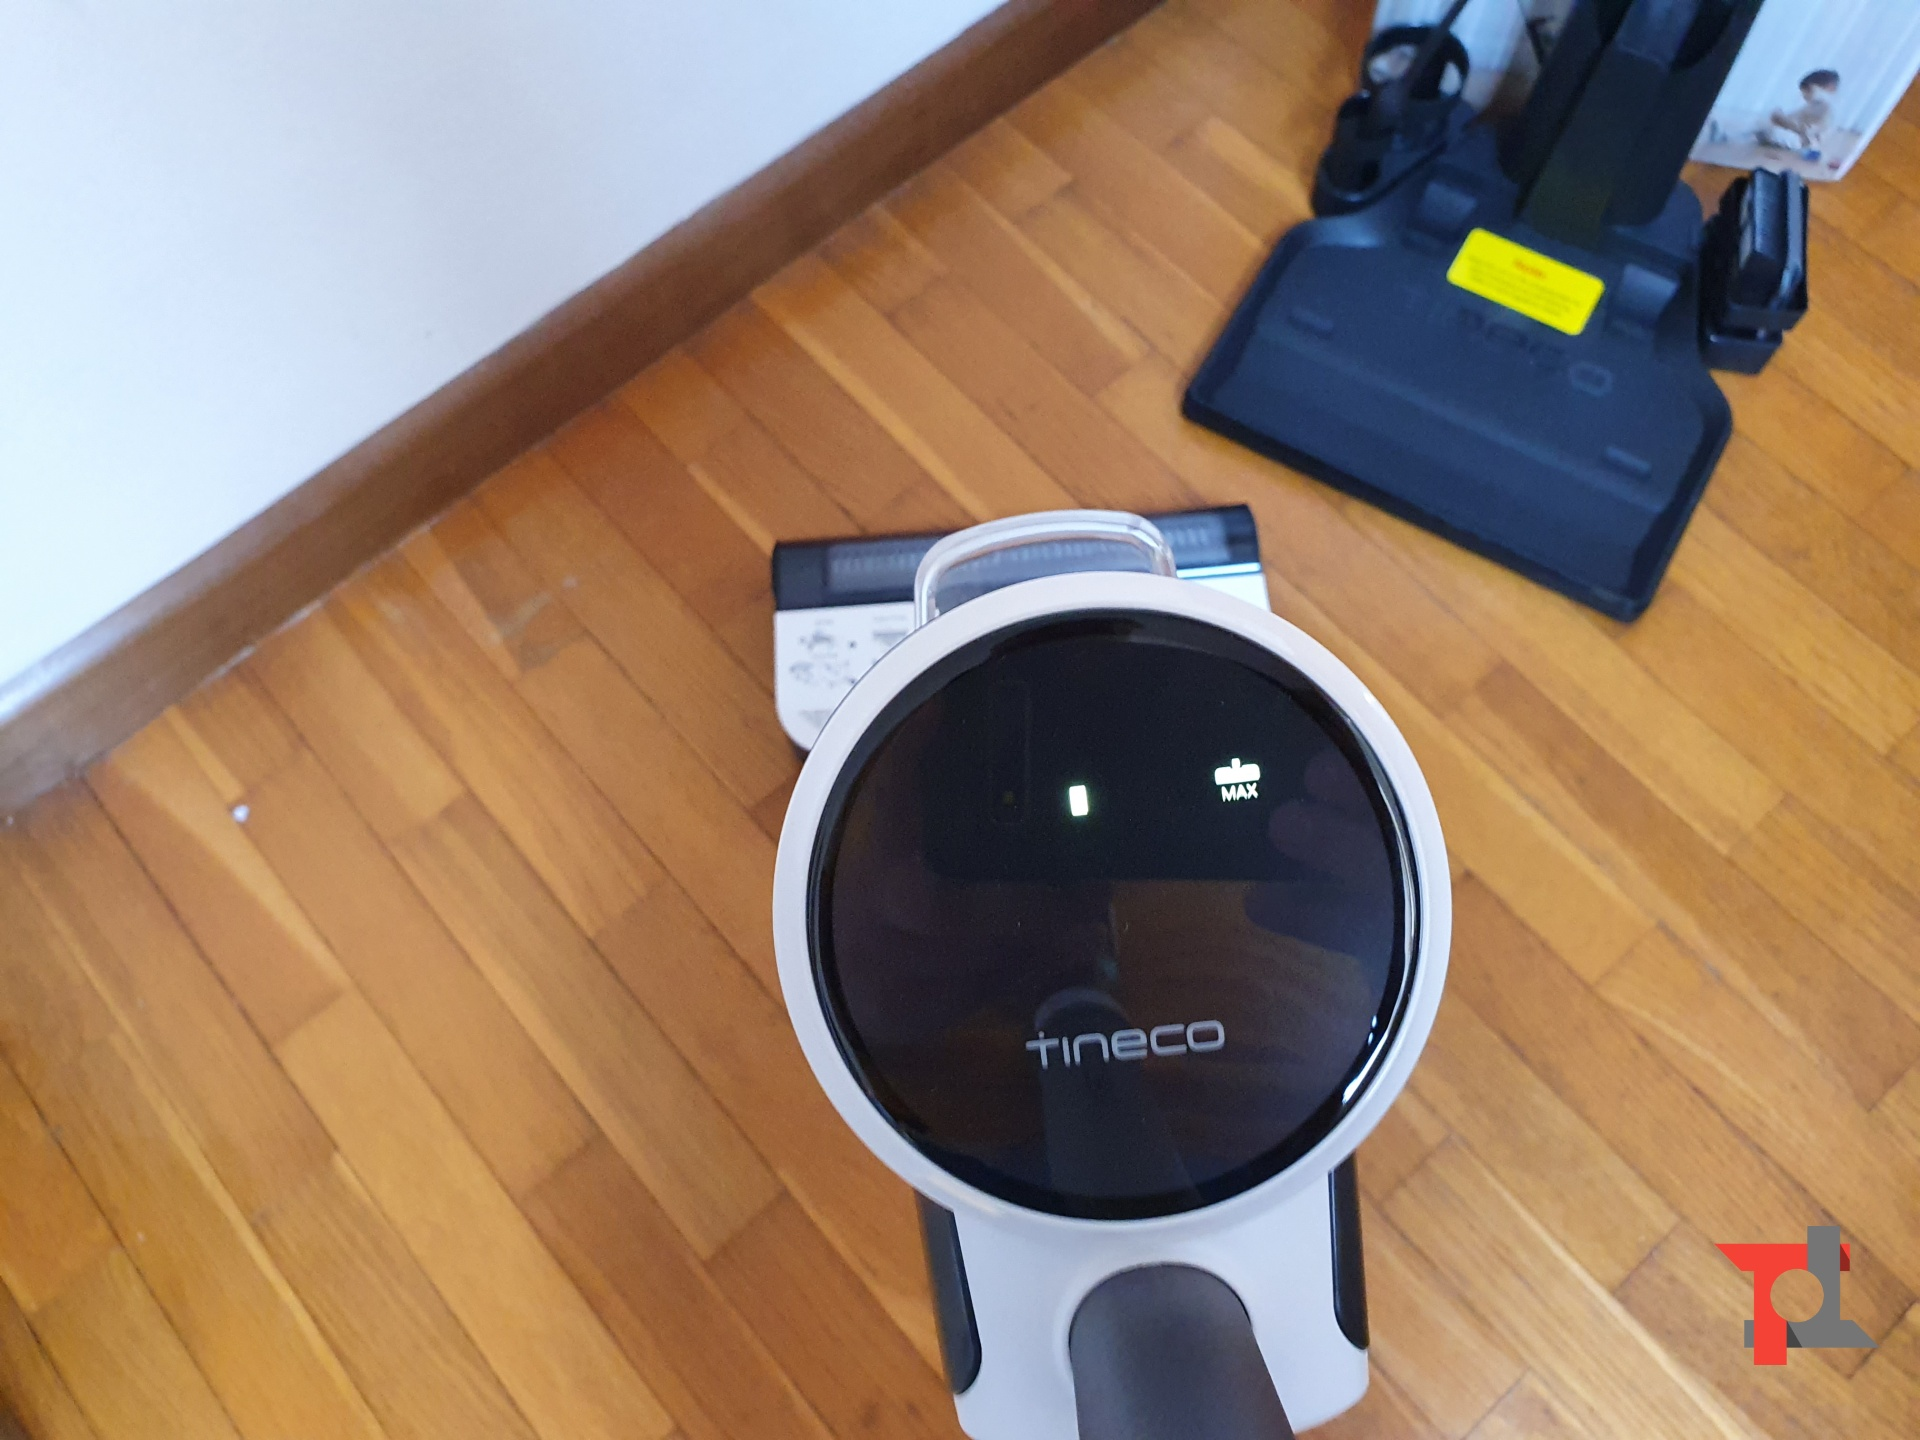 Recensione Tineco iFloor 3, un aiuto insuperabile per le pulizie domestiche 2